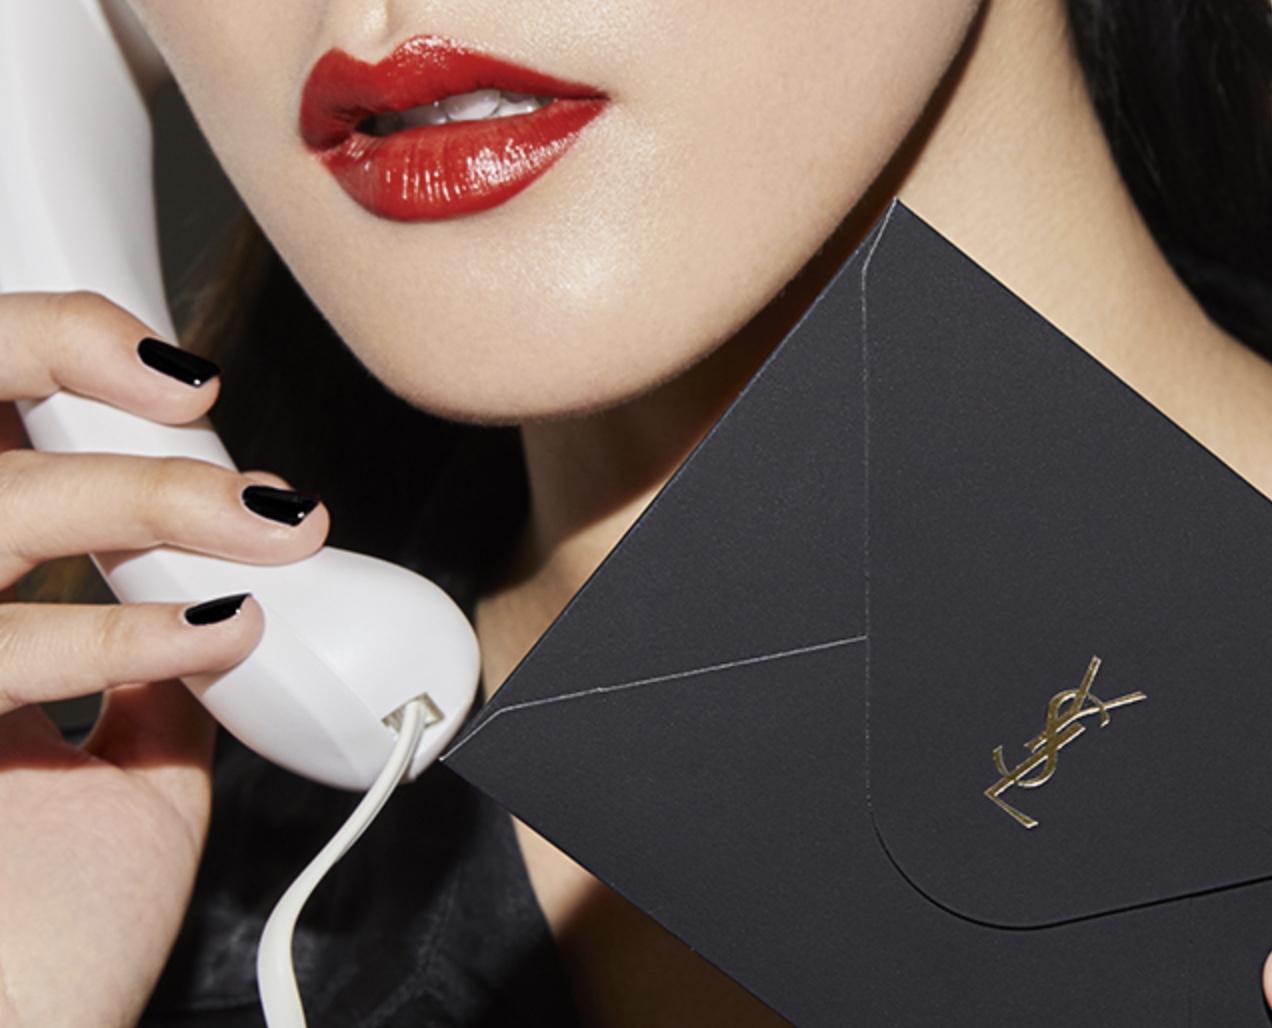 Code promo Yves Saint Laurent Beauté : 10€ offerts pour vous et vos filleuls grâce au parrainage